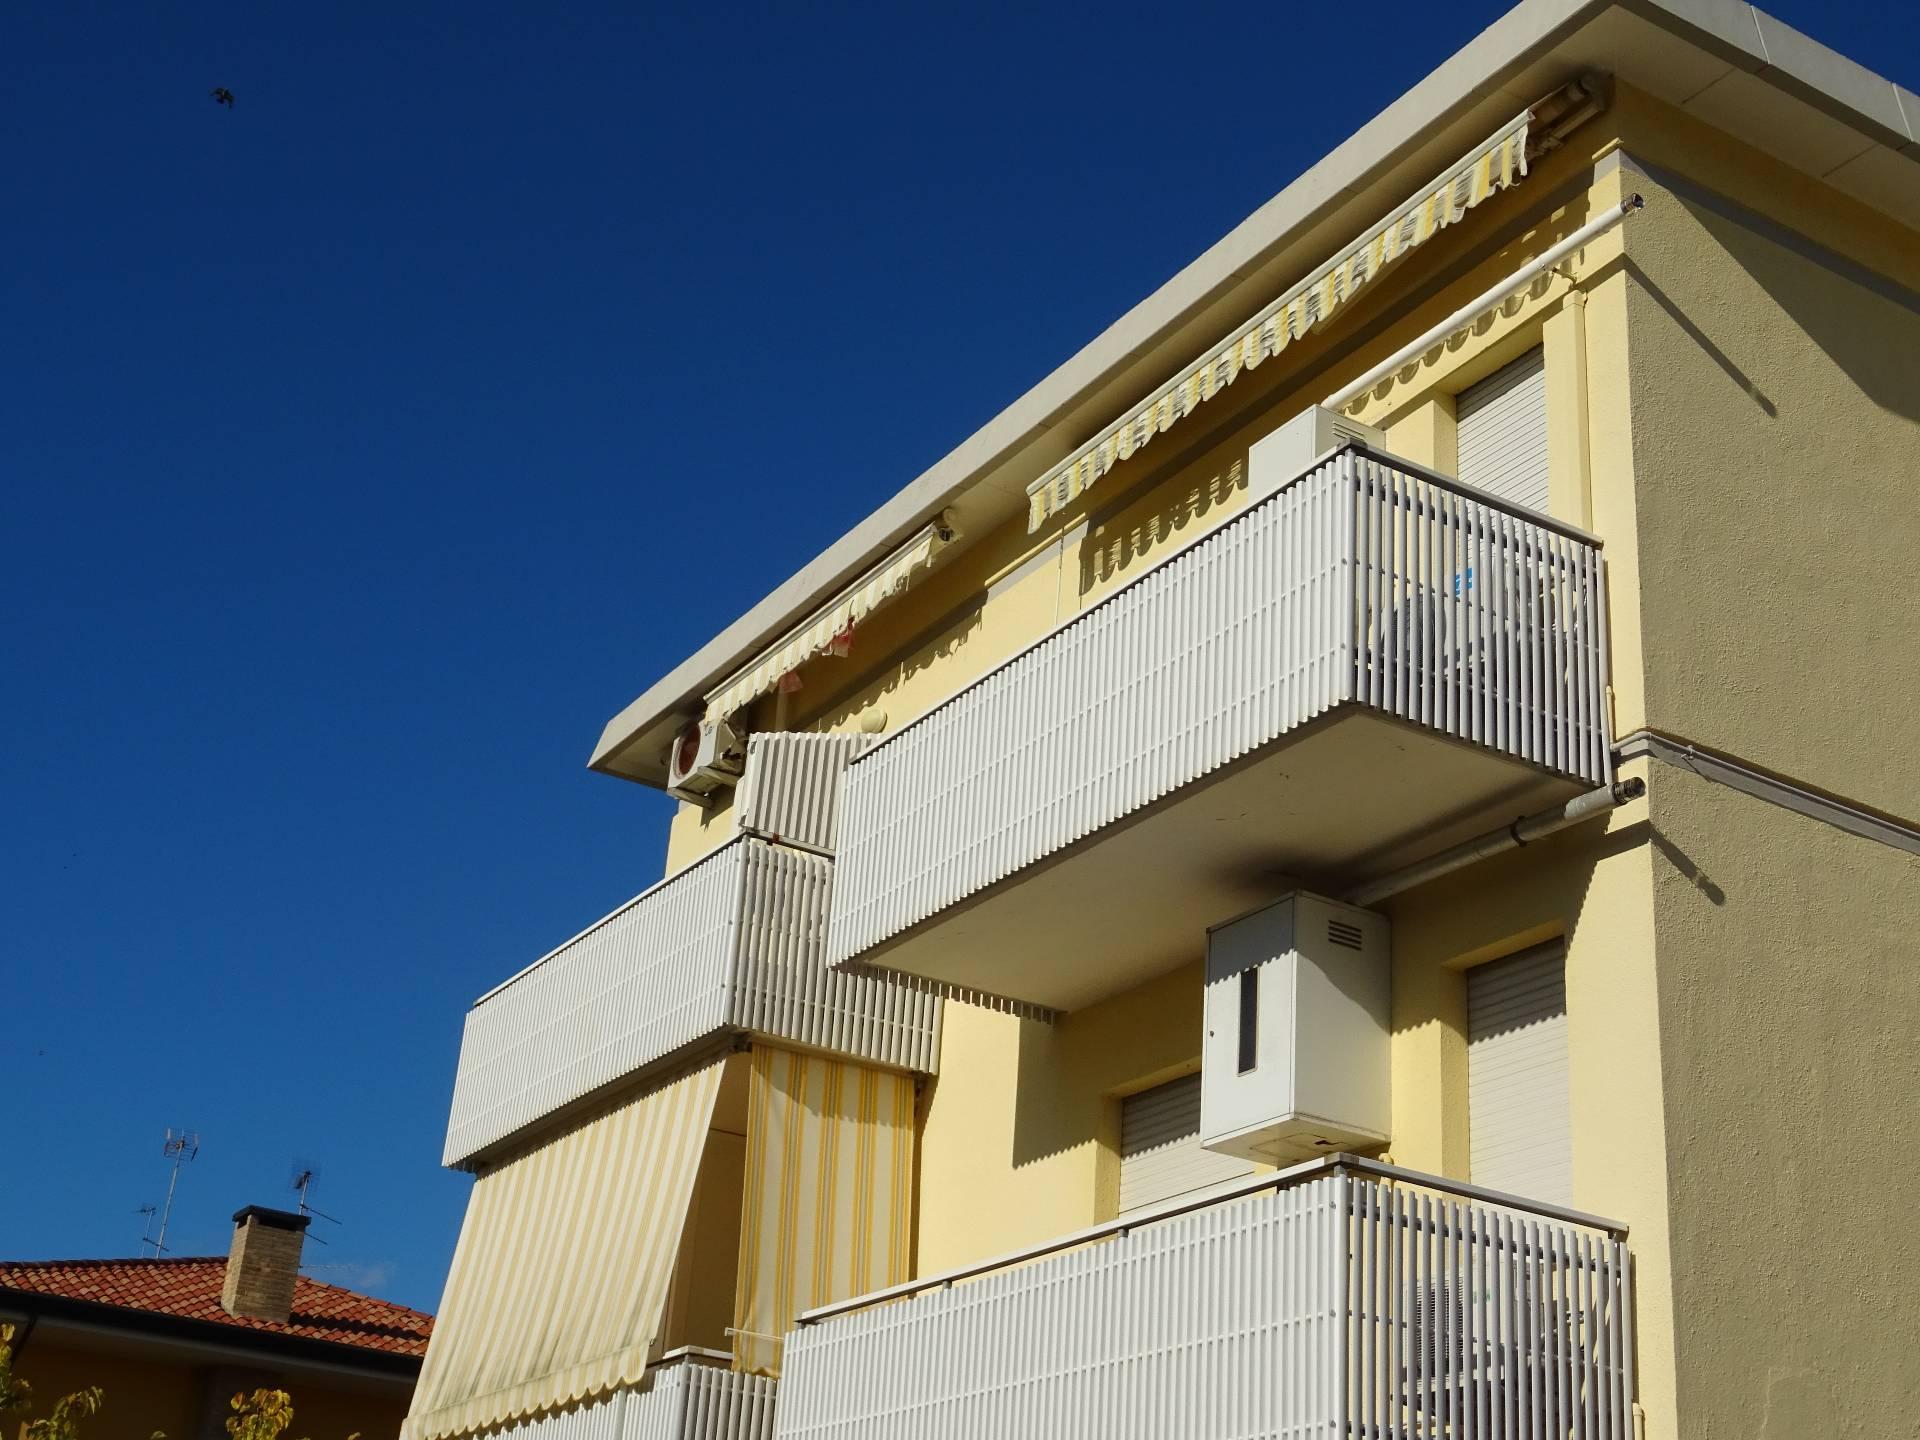 Appartamento in vendita a Lignano Sabbiadoro, 2 locali, prezzo € 105.000   CambioCasa.it